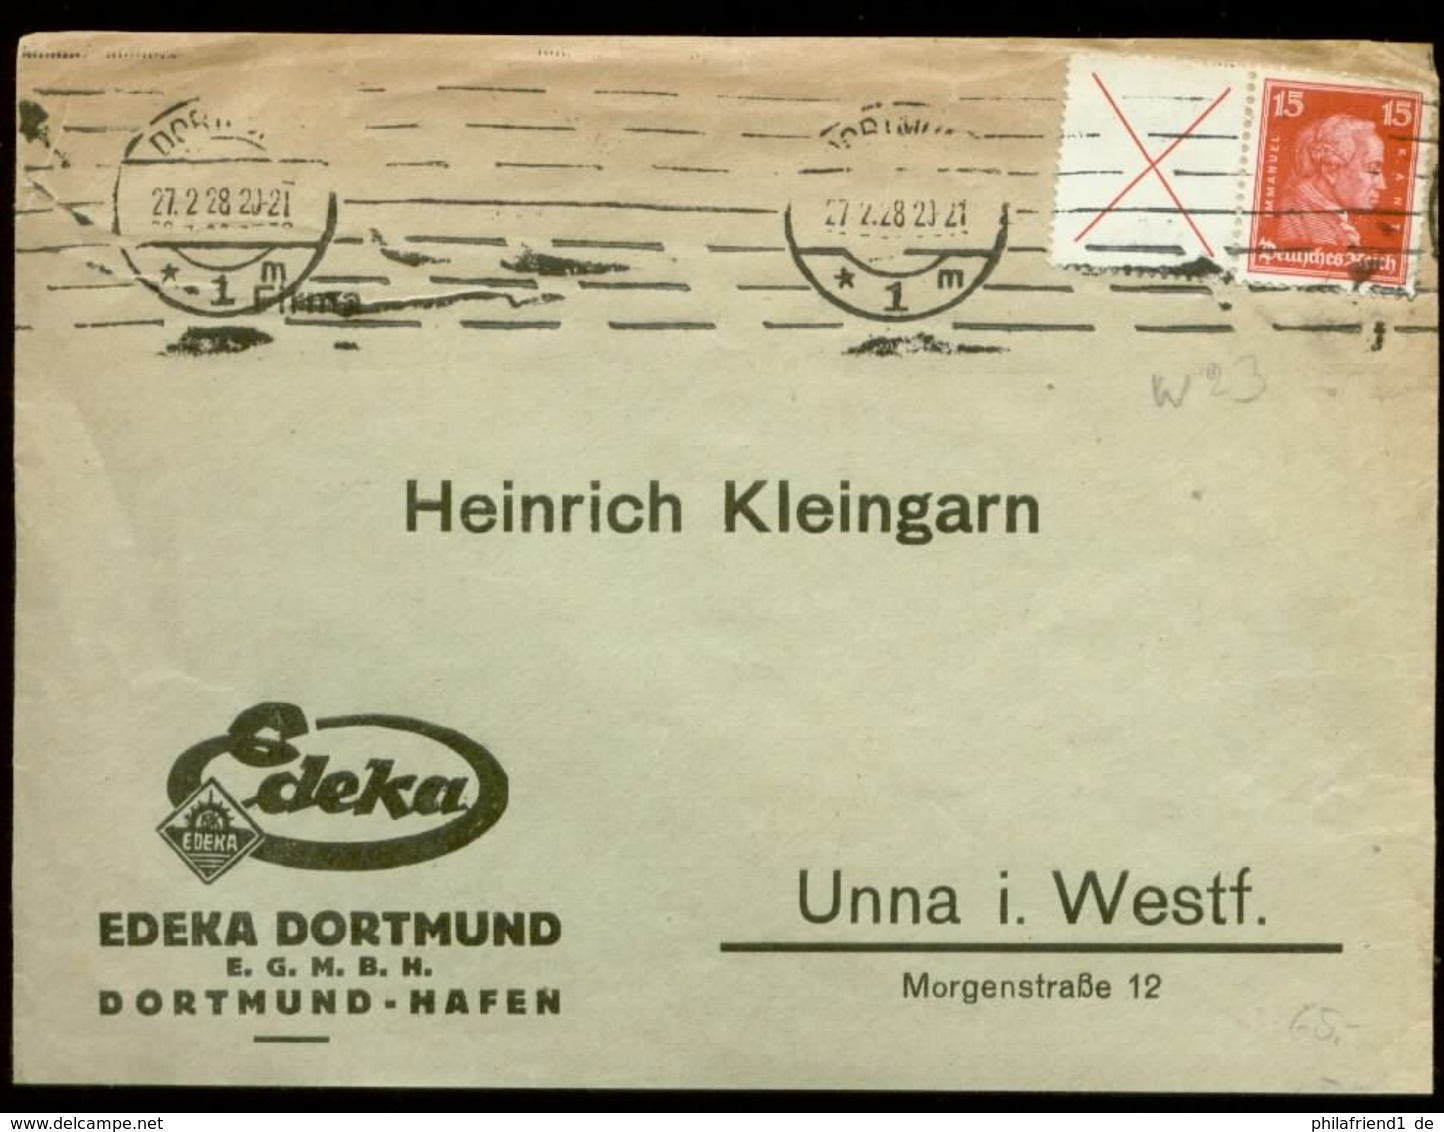 S8210 - DR Zdr. W23 Auf Firmen Briefumschlag Edeka 130 EM: Gebraucht Dortmund - Unna 1928, Bedarfserhaltung. - Covers & Documents